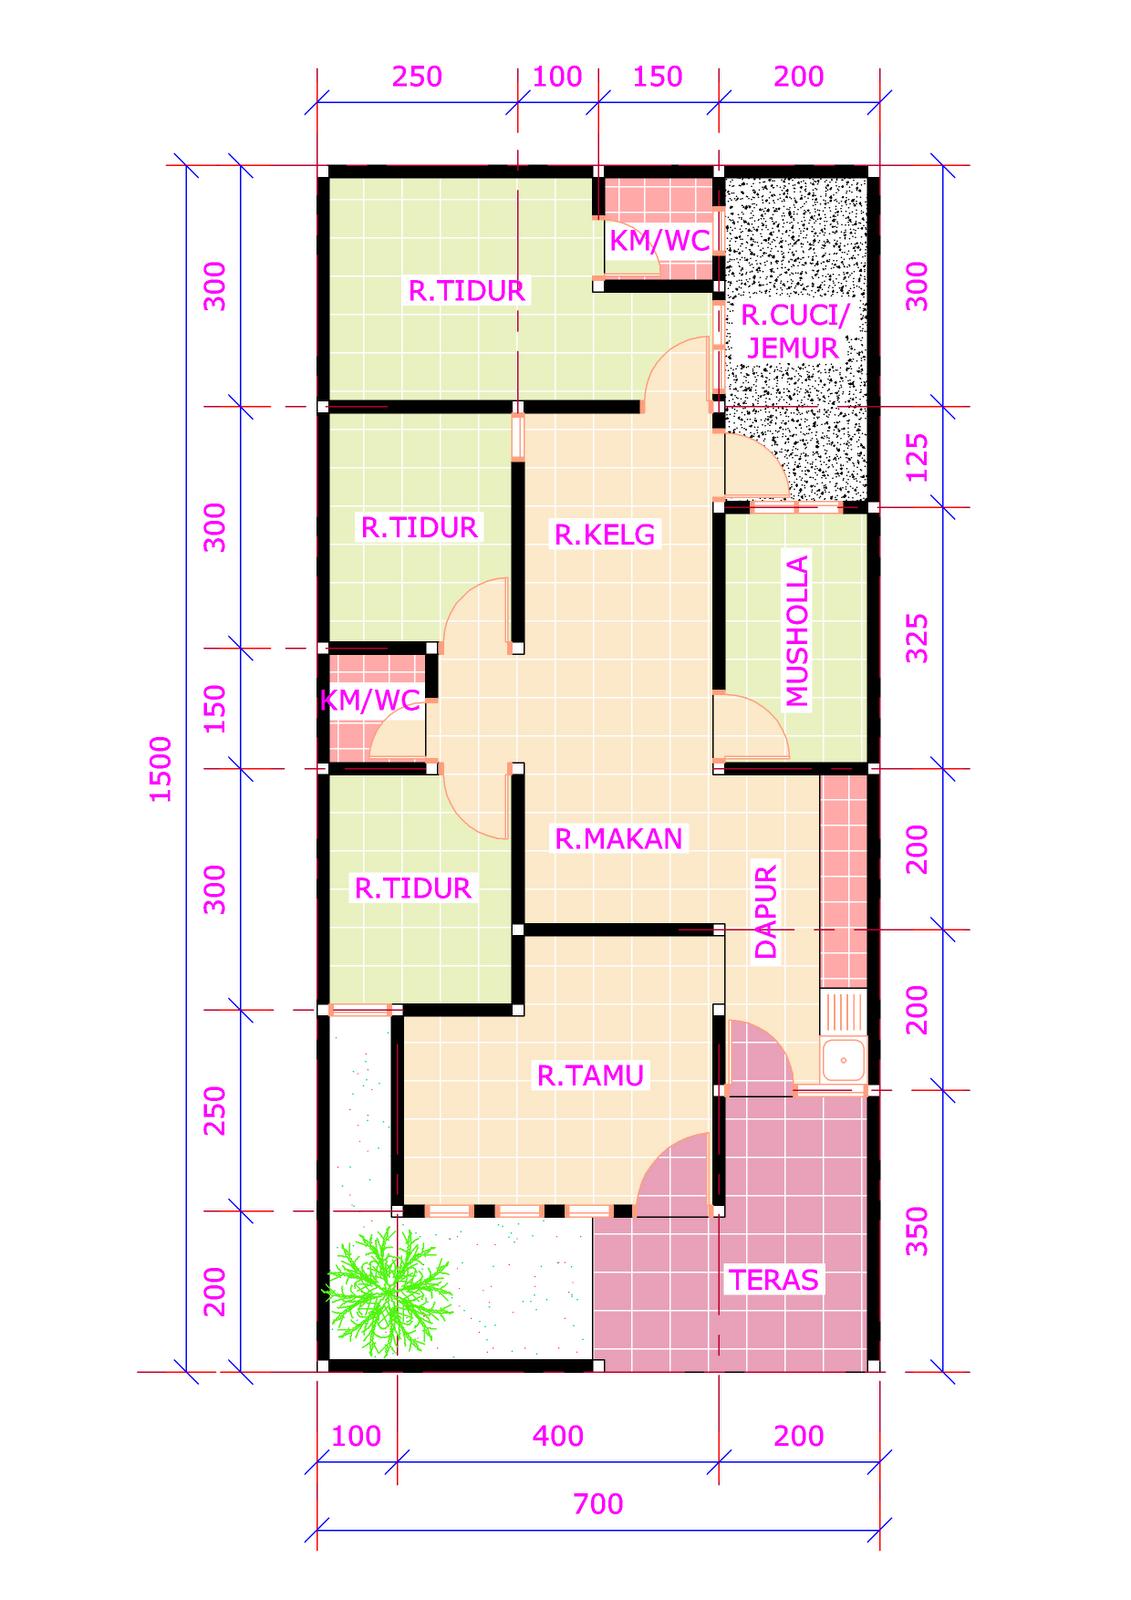 20 Desain Rumah 3 Kamar Tidur 1 Mushola